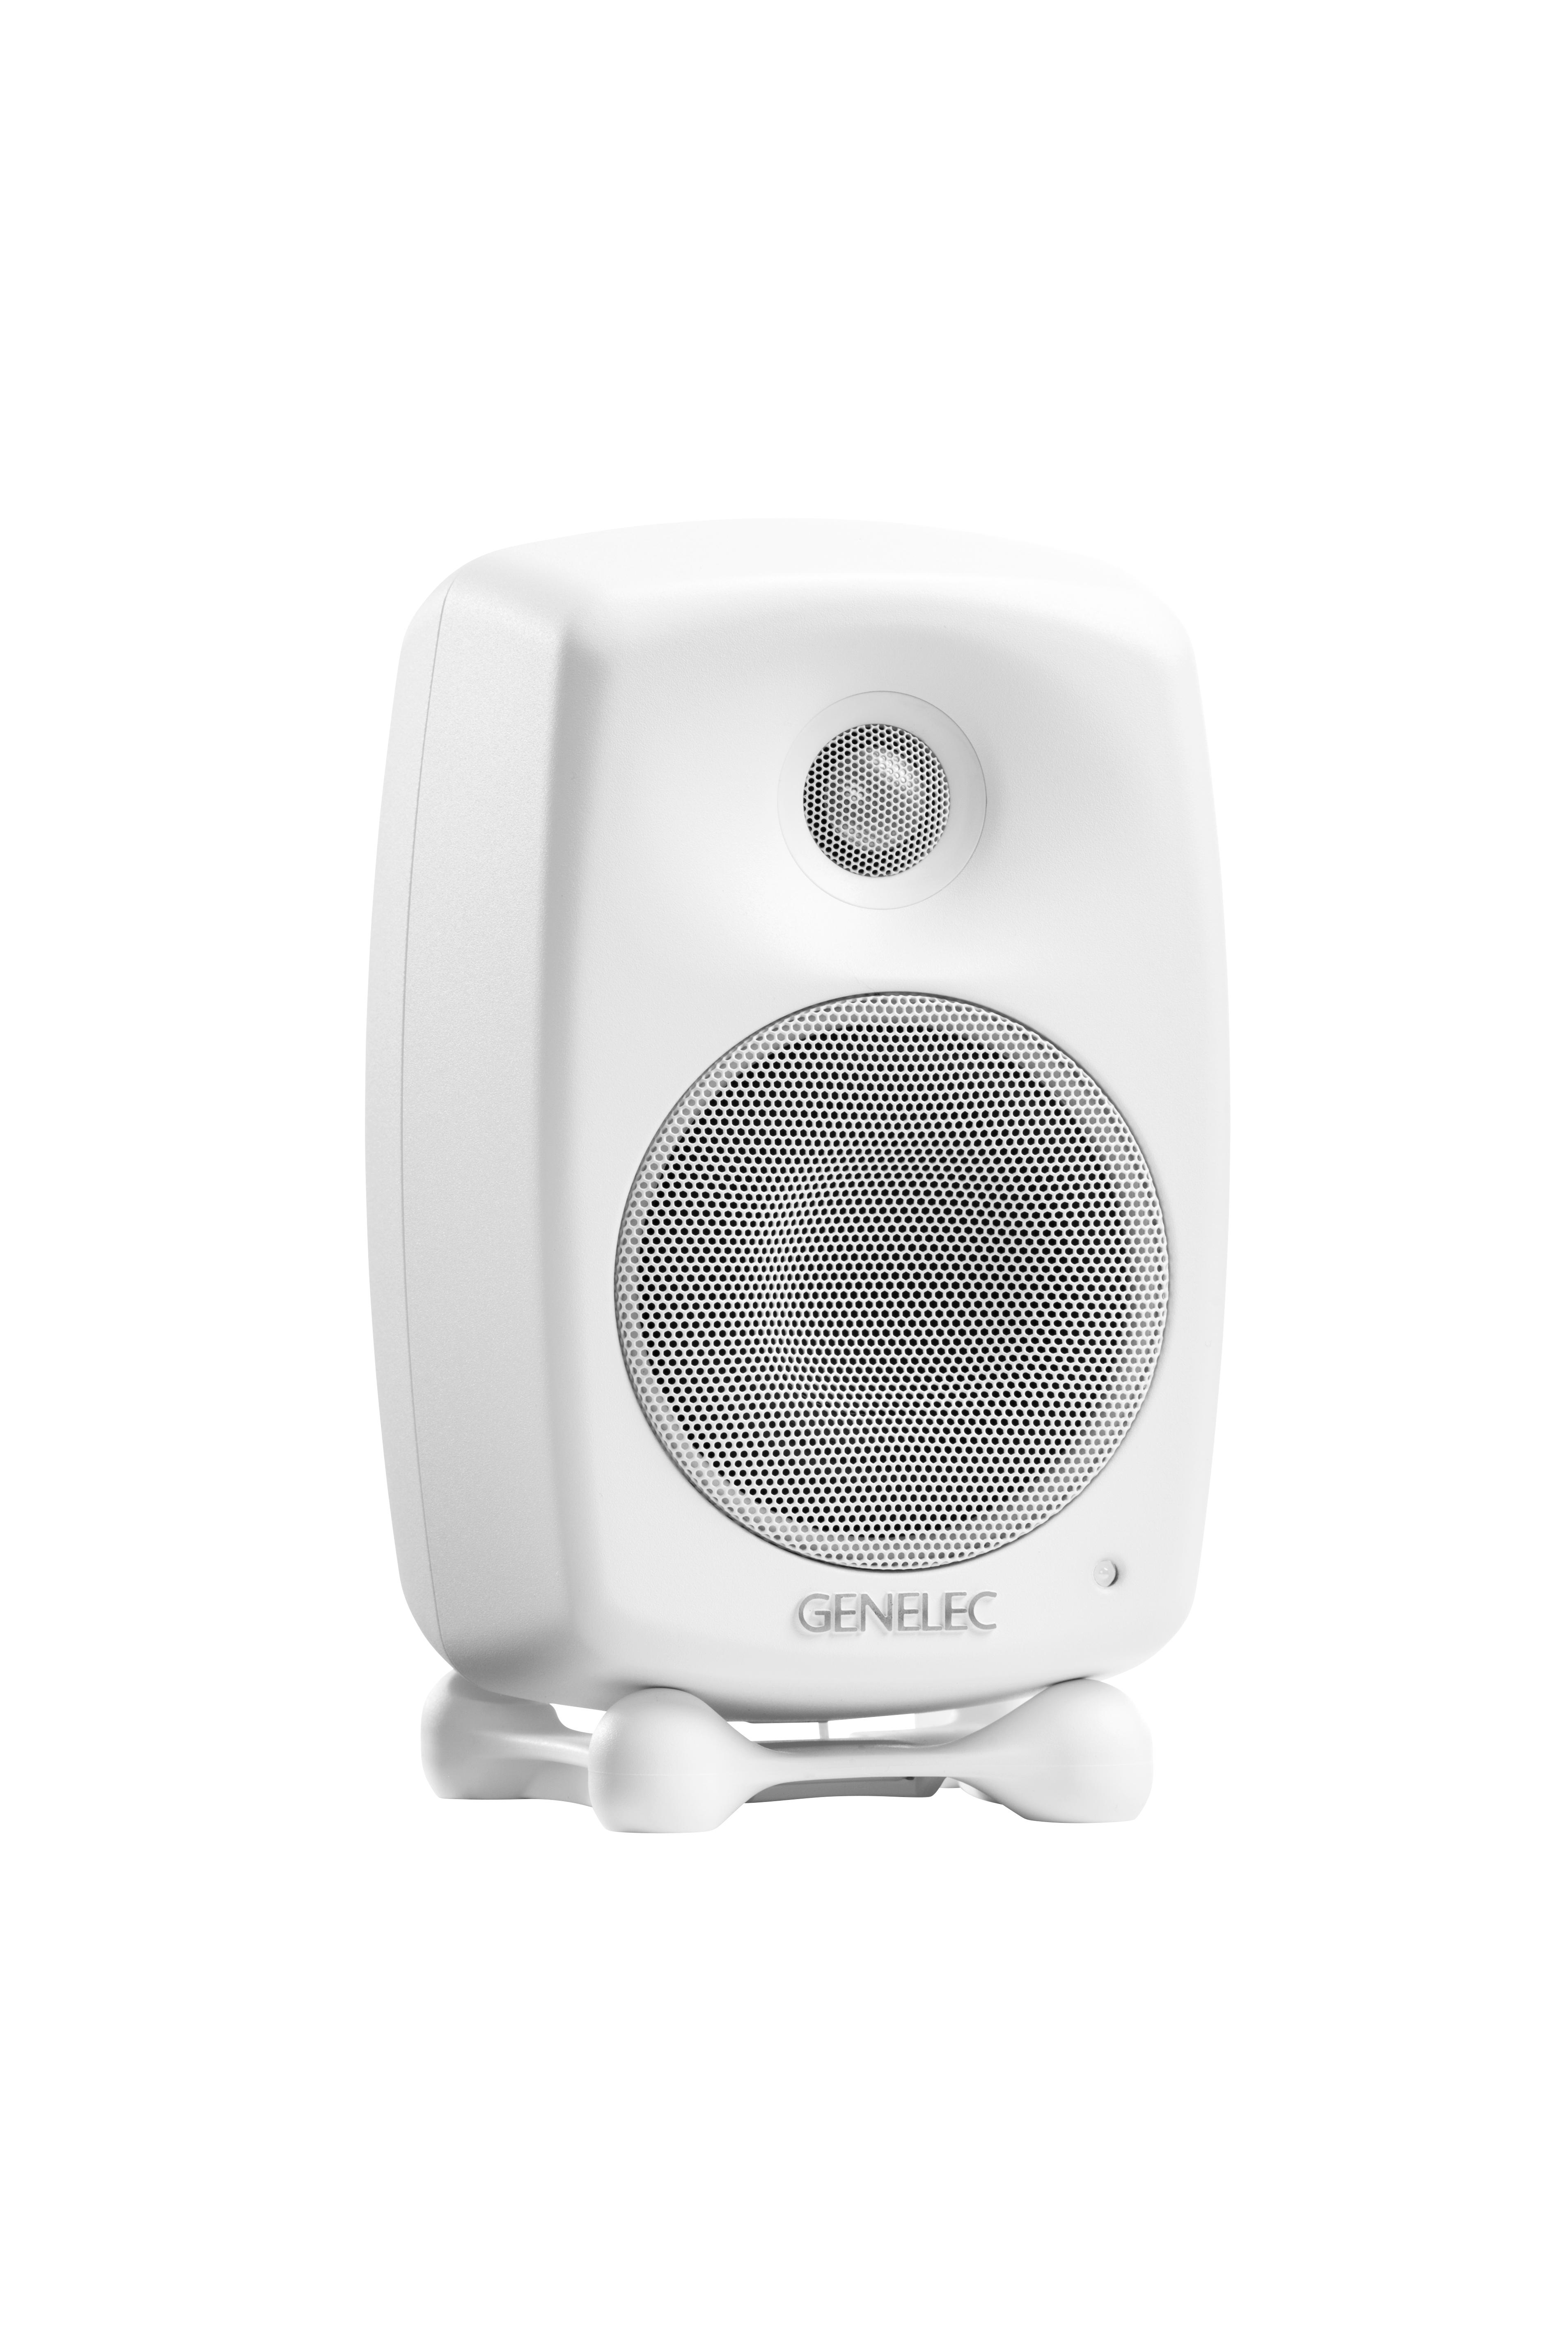 Genelec G Two Active Speaker